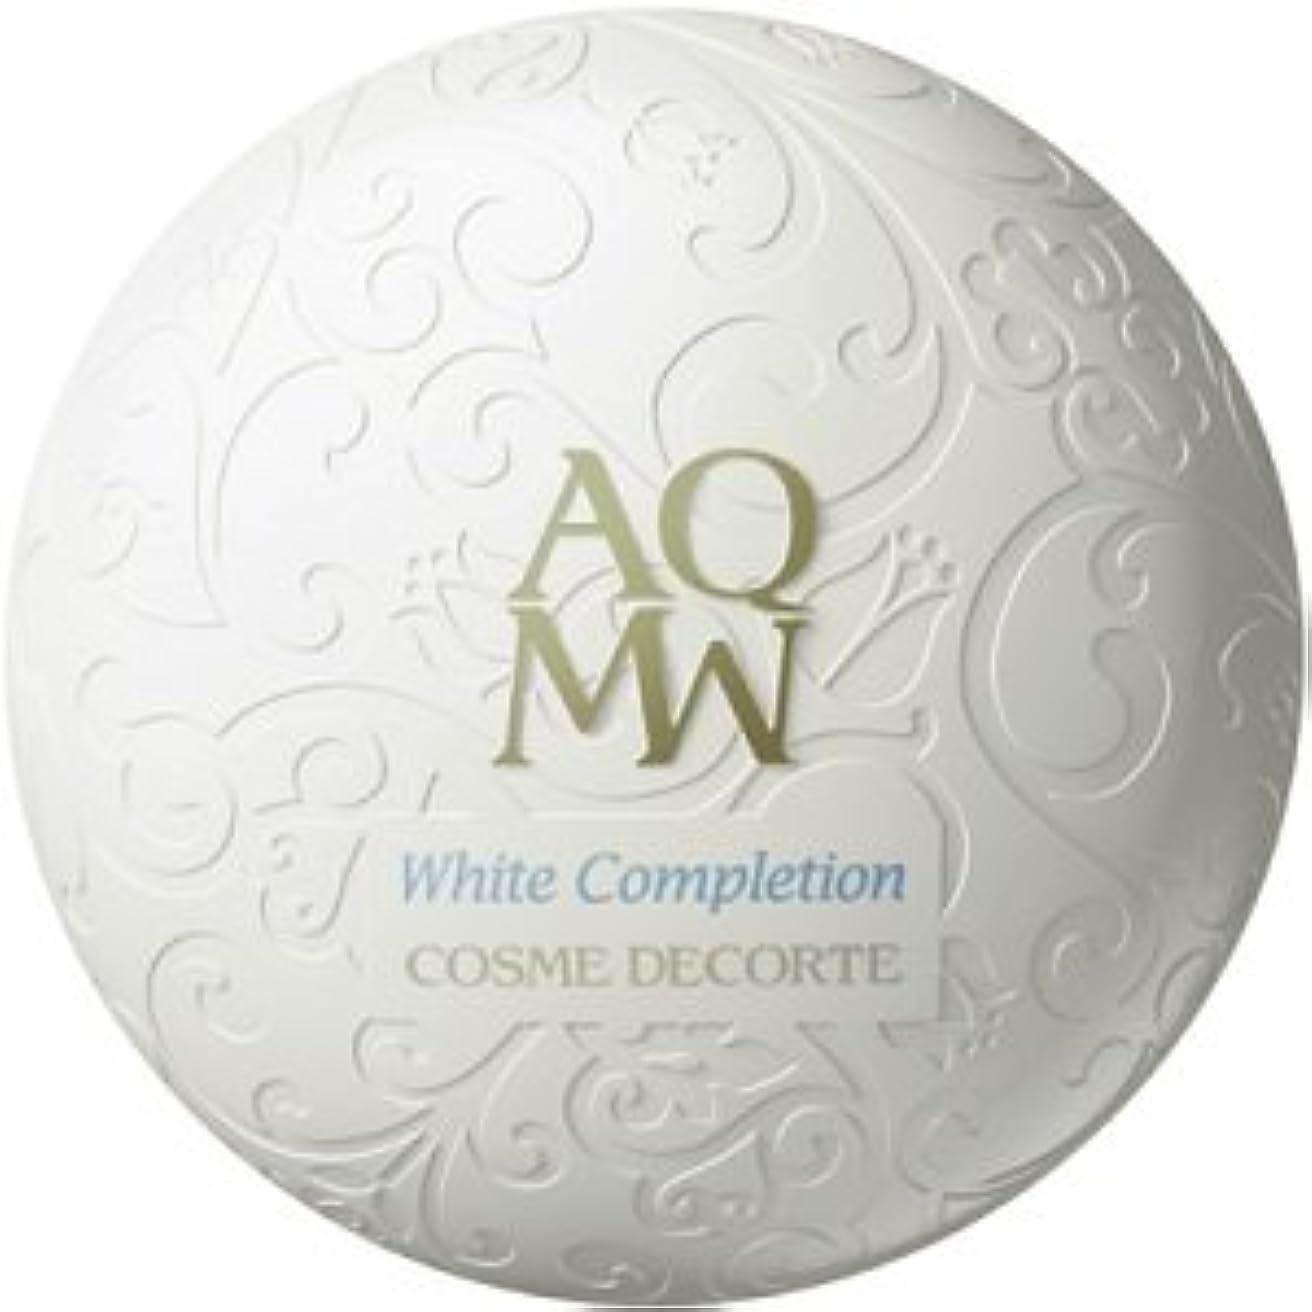 野心批判するなくなるコスメデコルテ AQMW ホワイトコンプリーション 25g